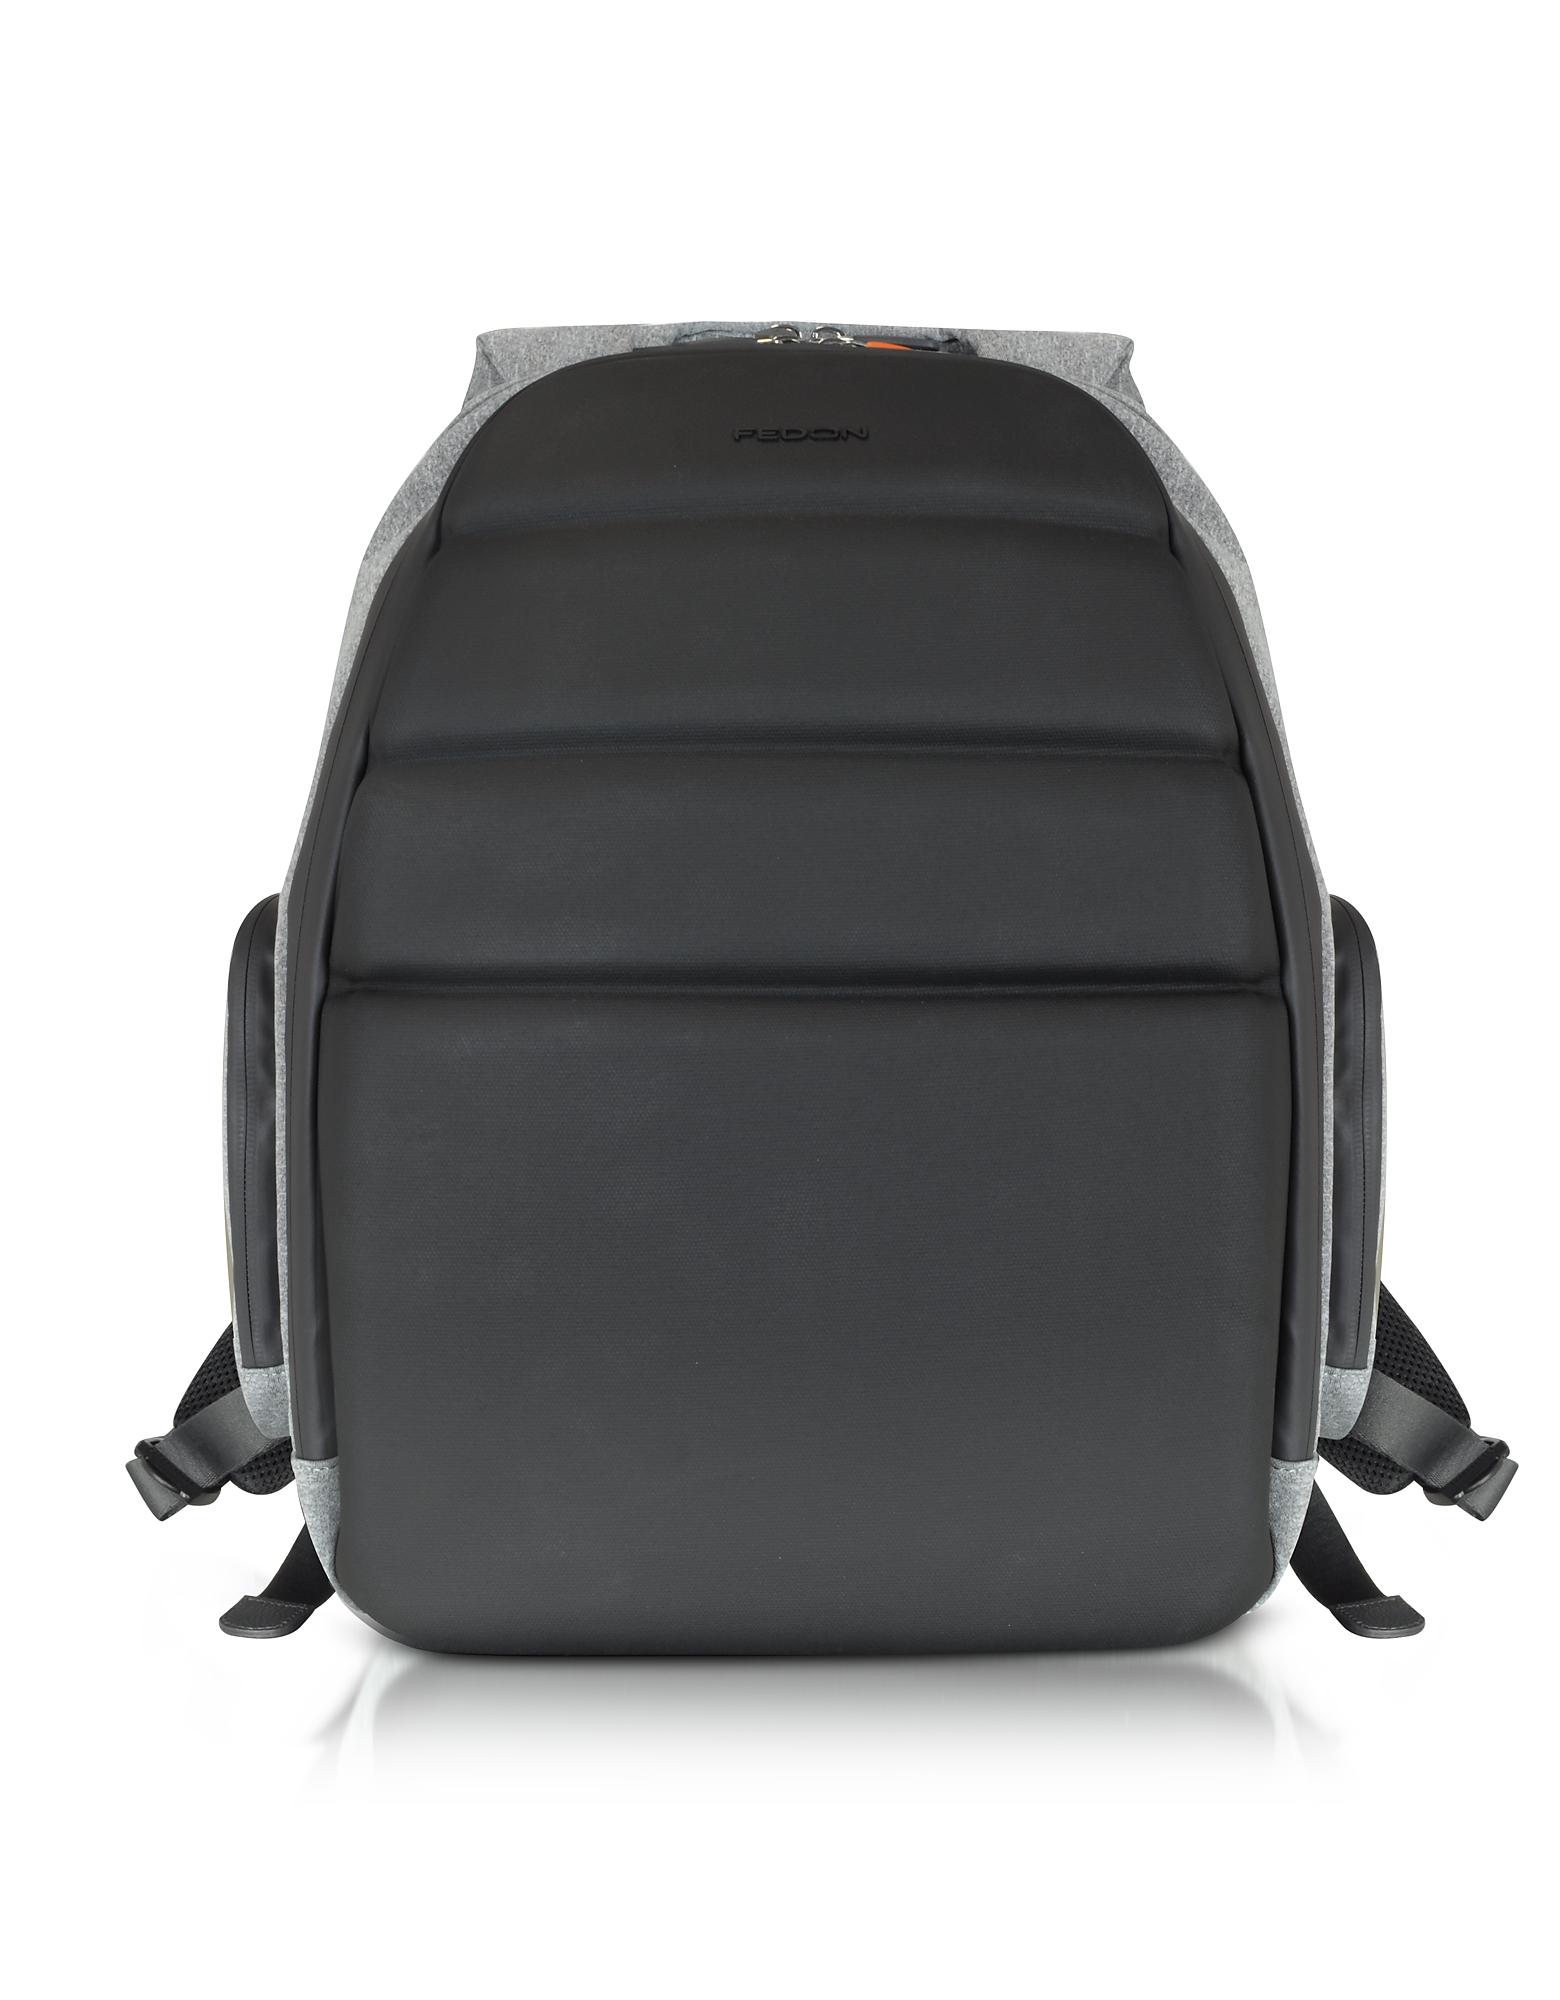 Ninja - Черный Рюкзак из Ткани с Отделом для Ноутбука 13